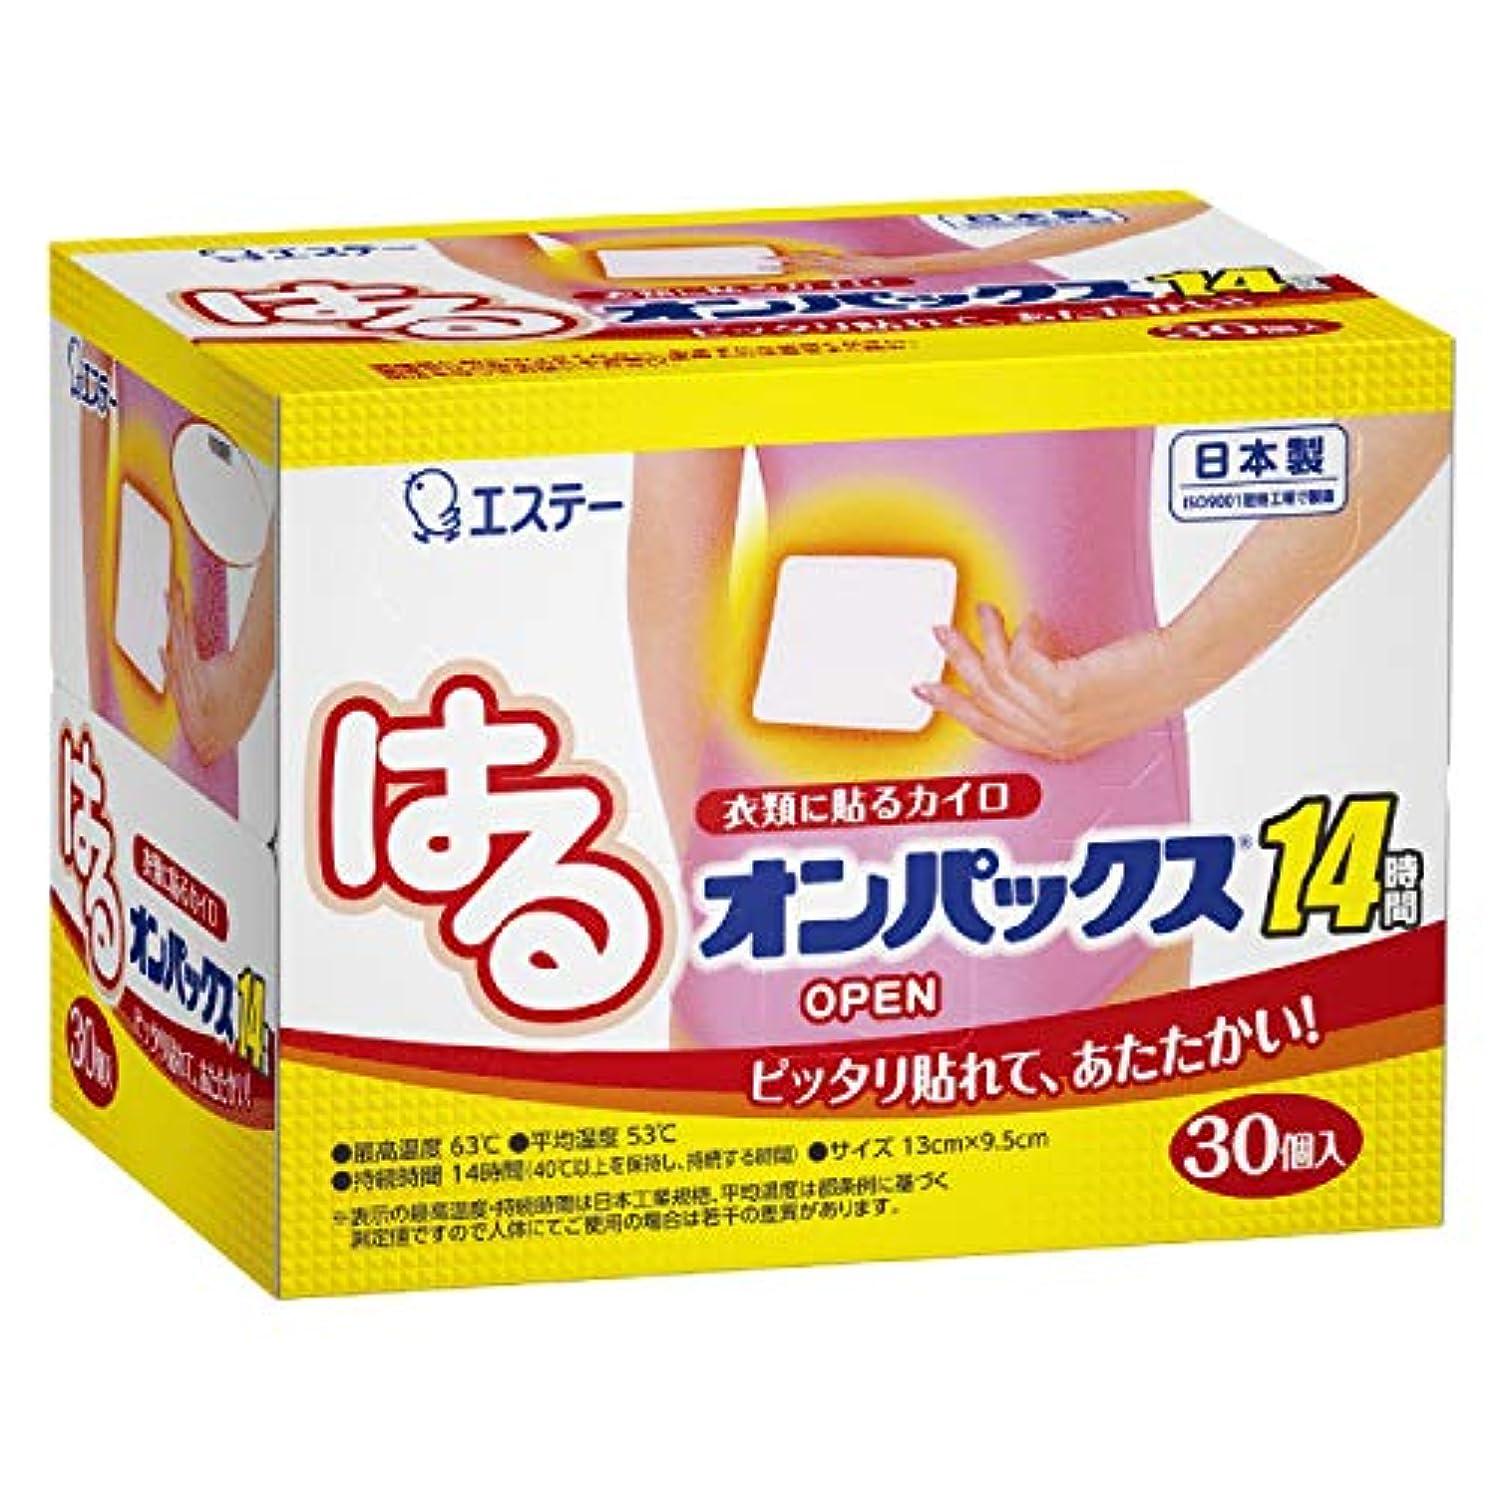 許す大脳自治的はるオンパックス 貼るカイロ 30個入 【日本製/持続時間約14時間】